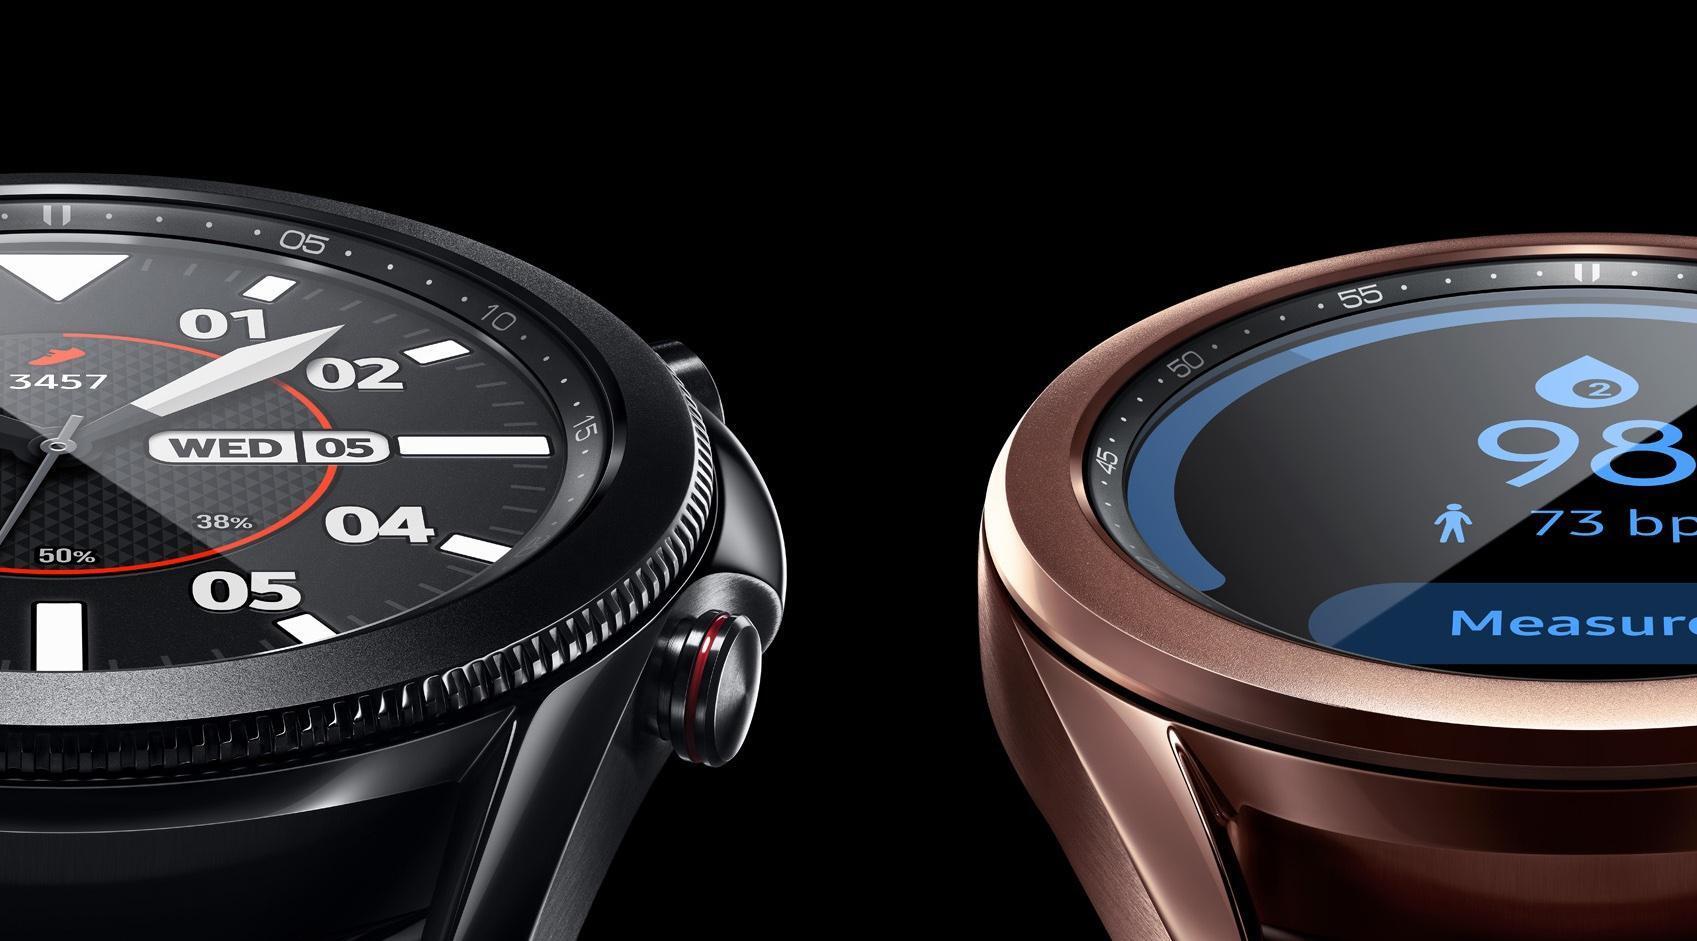 Раскрыты характеристики новых умных часов Samsung Galaxy Watch 4